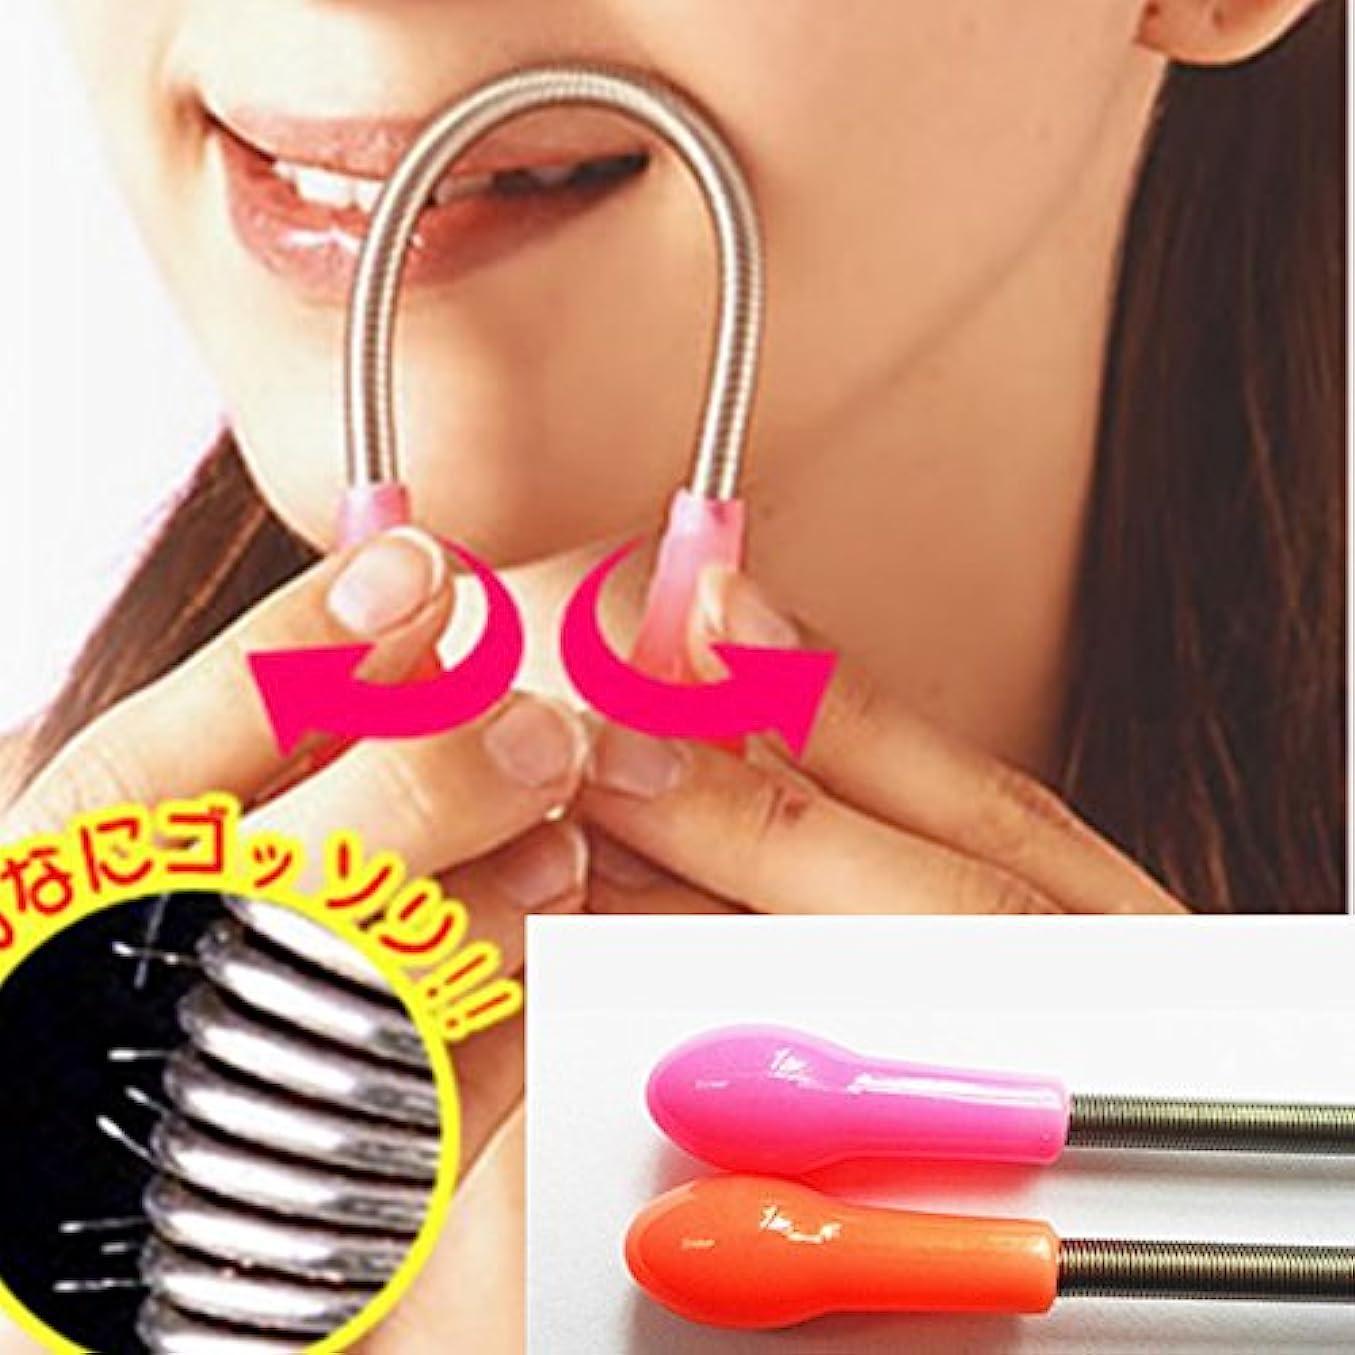 モニタースキャン印象的Metermall 美容ツール - フェイシャルヘアスプリングリムーバースレーター除毛クリーナースティック、ピンク